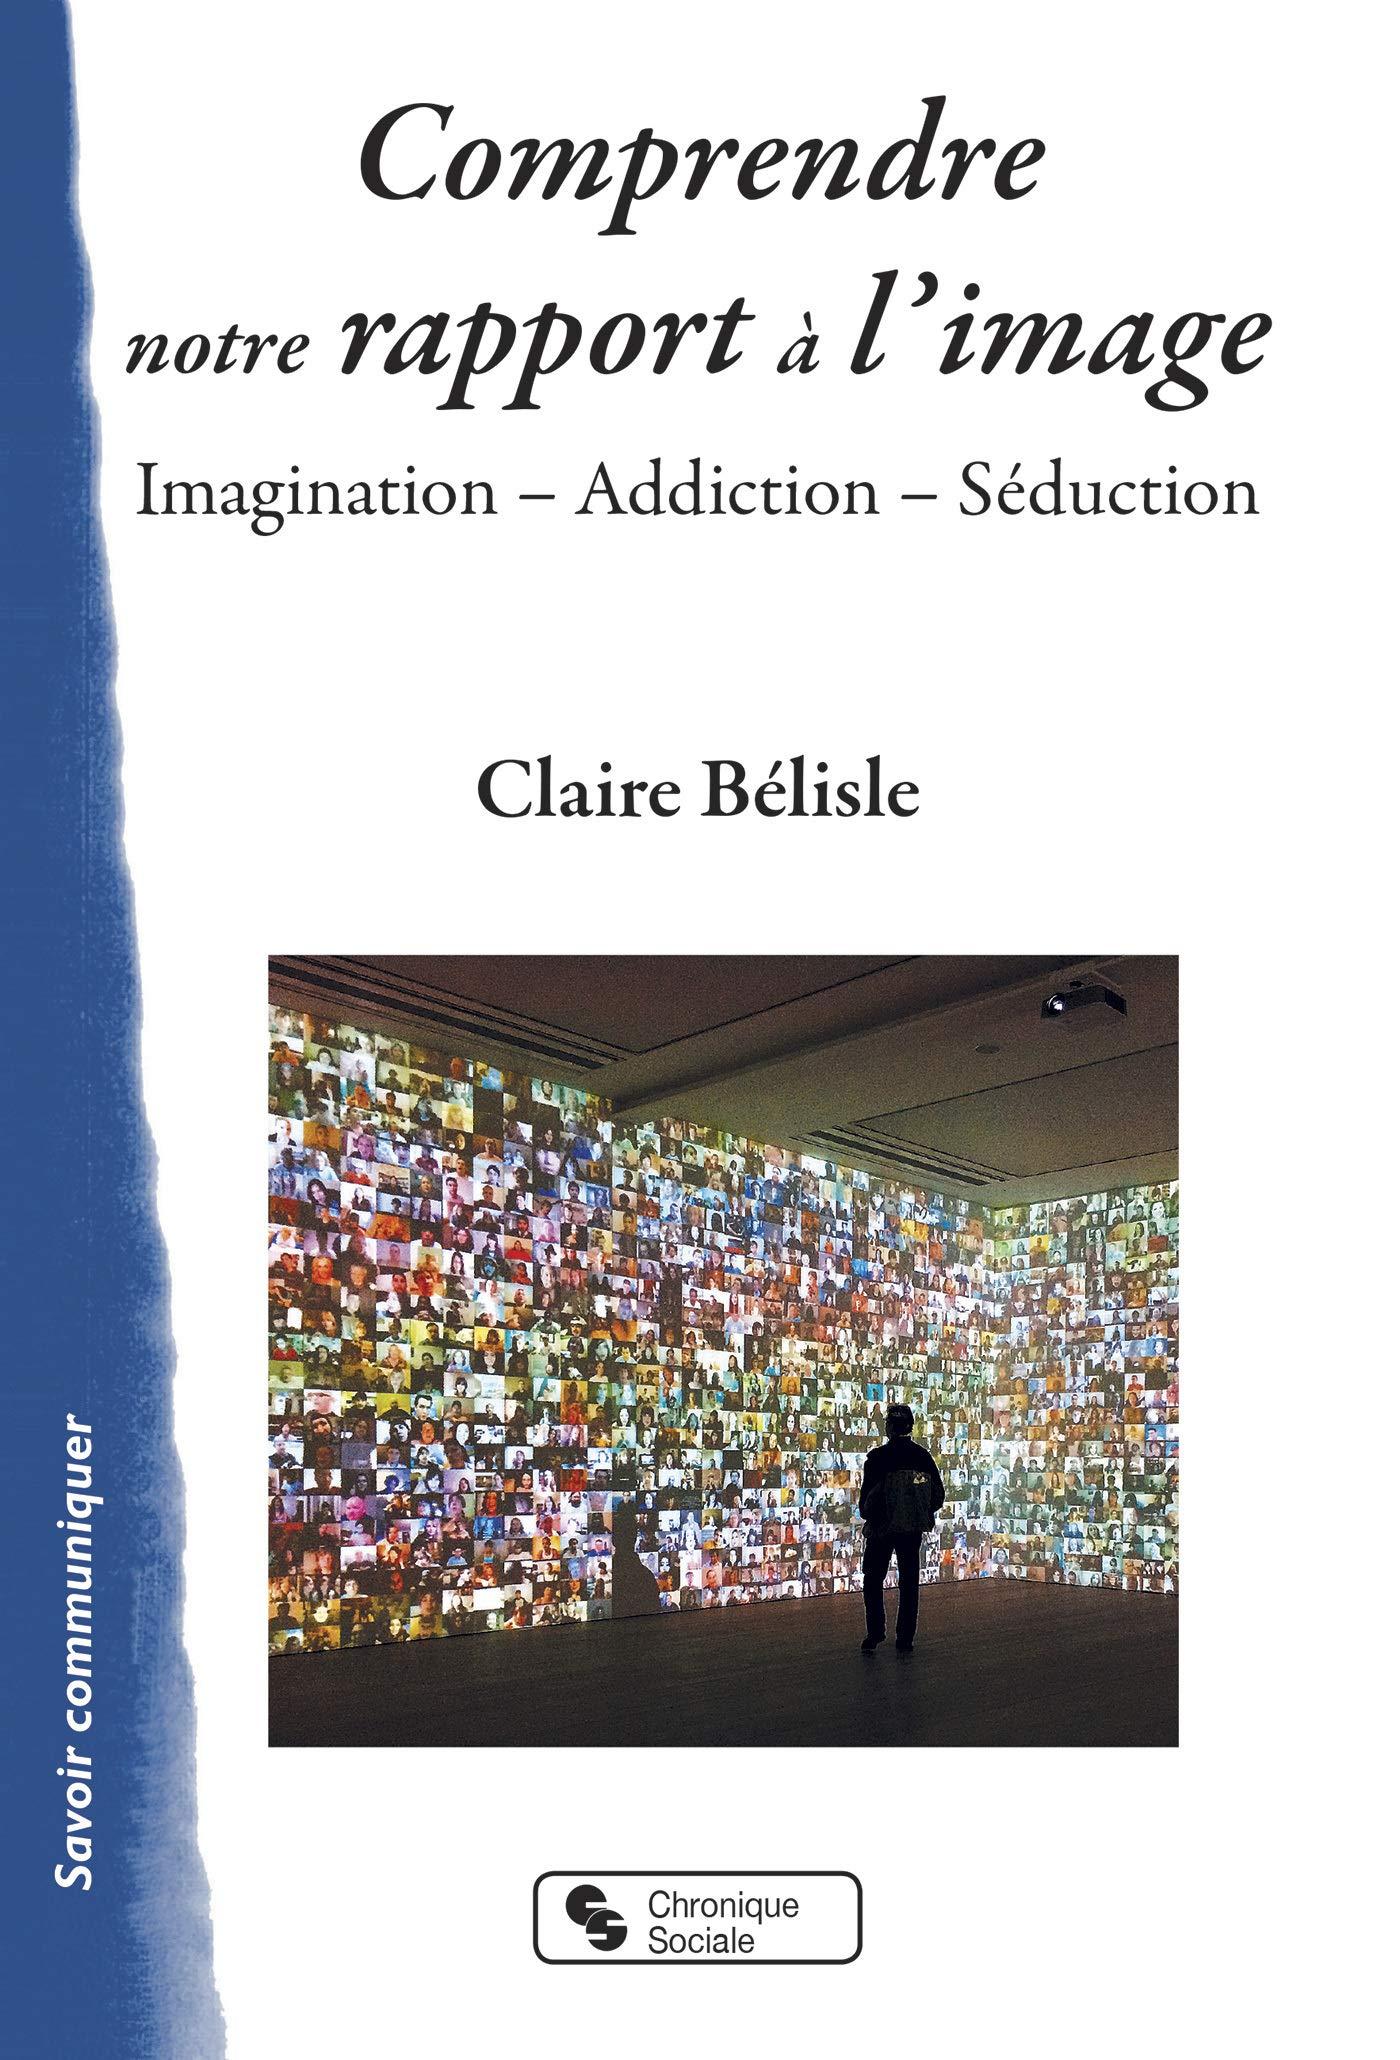 Comprendre notre rapport à l'image. Imagination – Addiction – Séduction